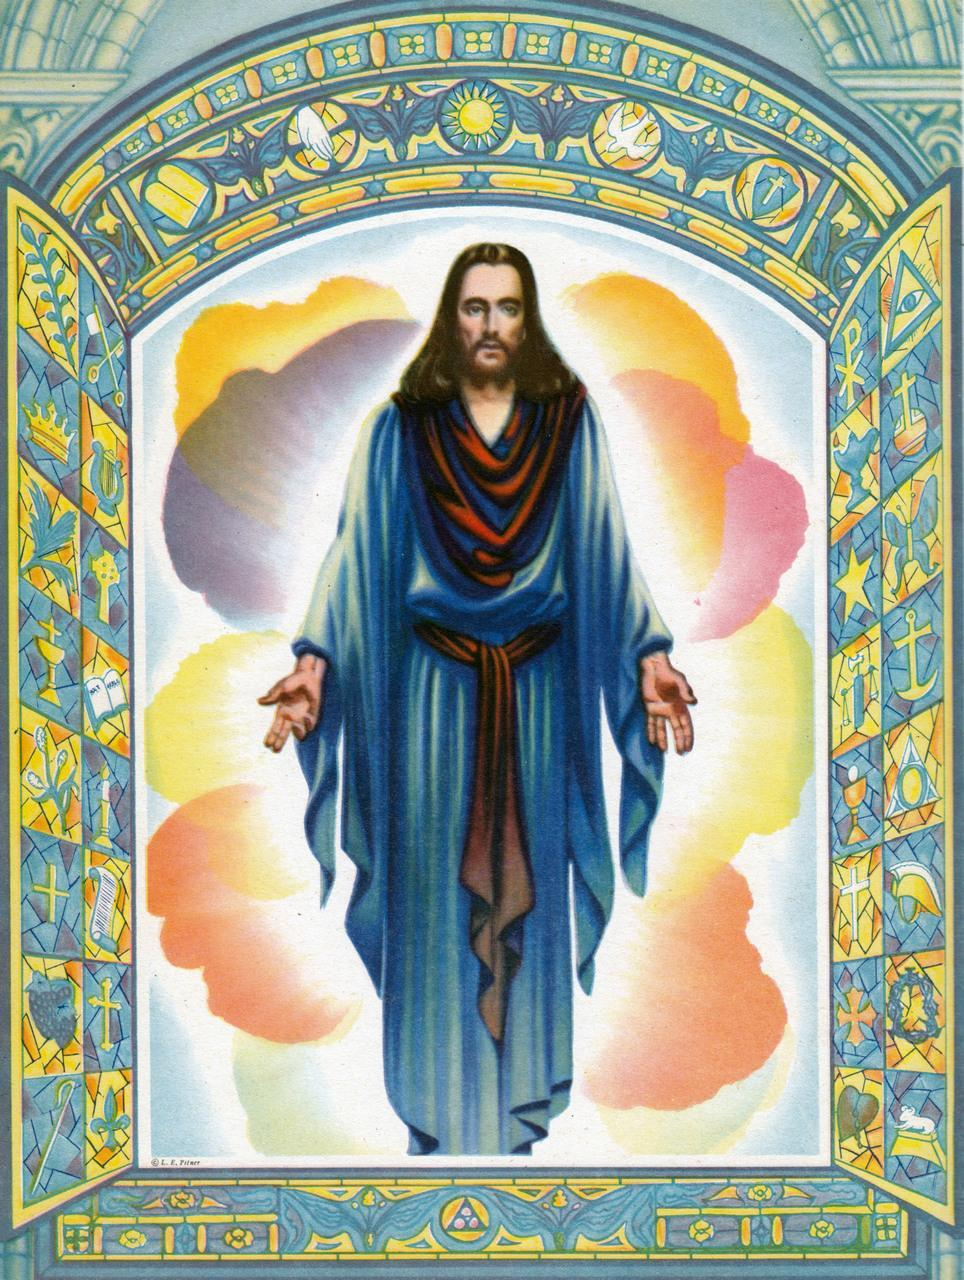 gambar tuhan yesus memberkati religion 964x1280 wallpaper teahub io gambar tuhan yesus memberkati